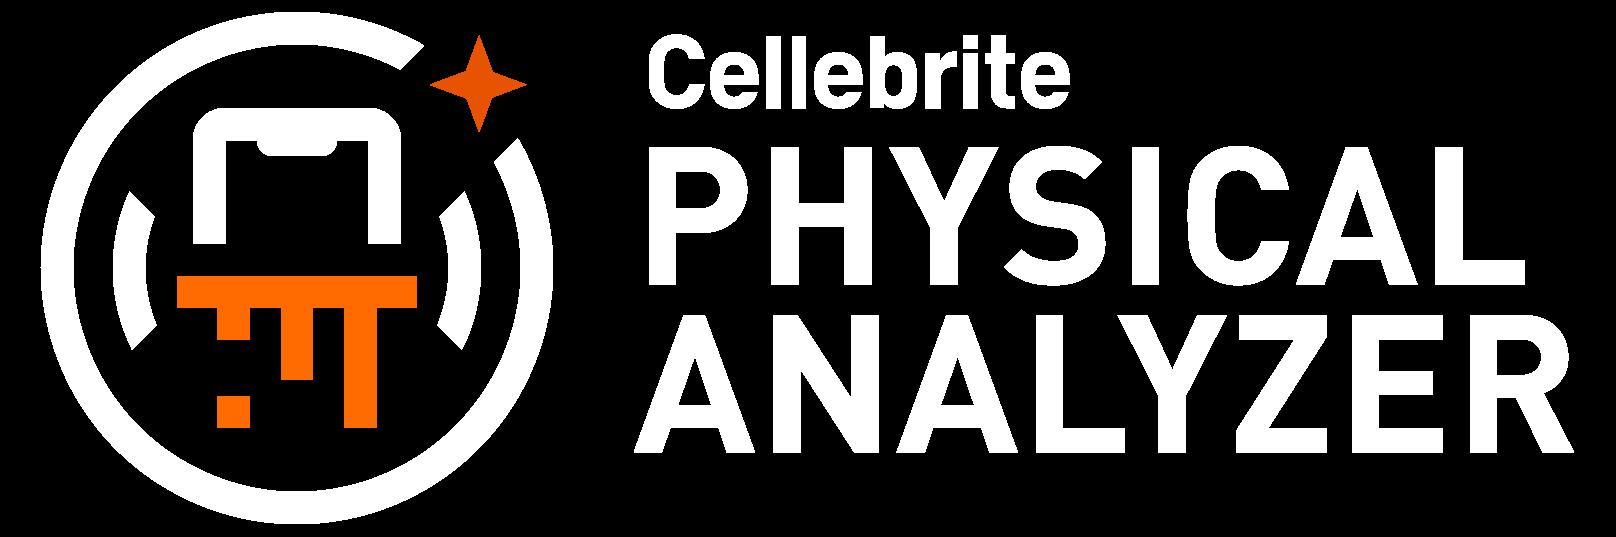 Cellebrite_Physical_Analyzer_Logo